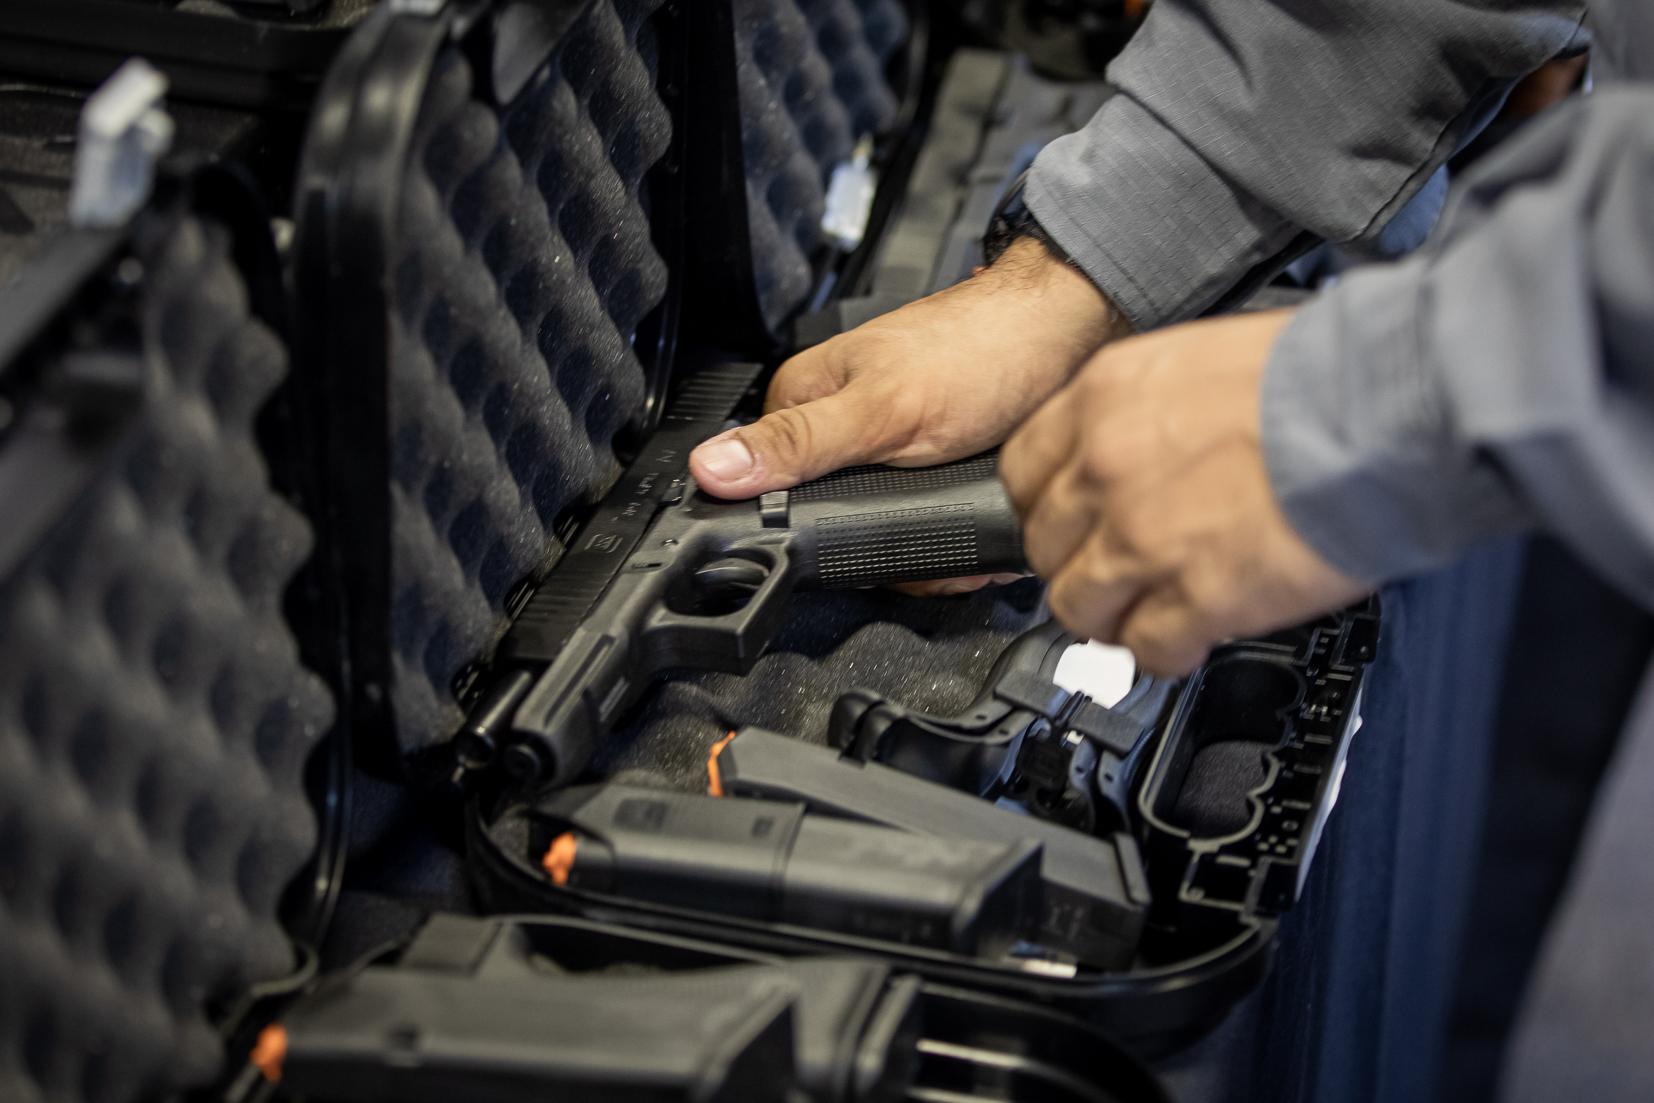 IMAGEM: STF inicia julgamento dos decretos das armas com dois votos pela suspensão